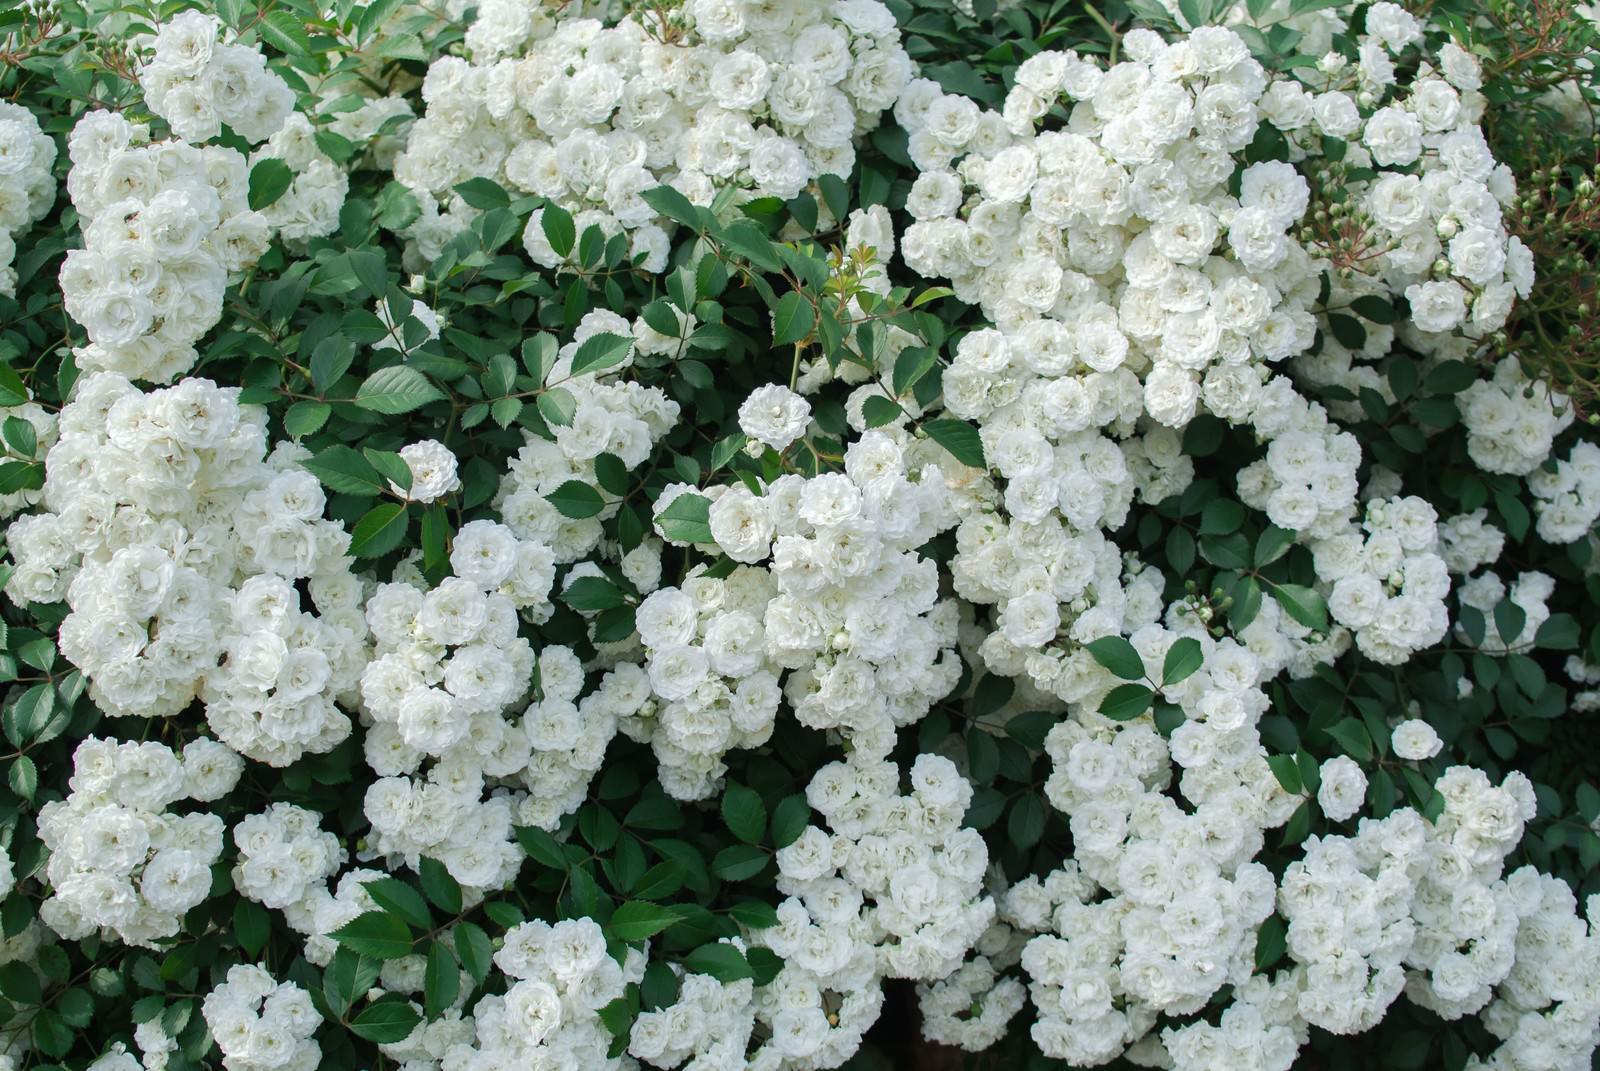 「白いつるバラのテクスチャ」の写真